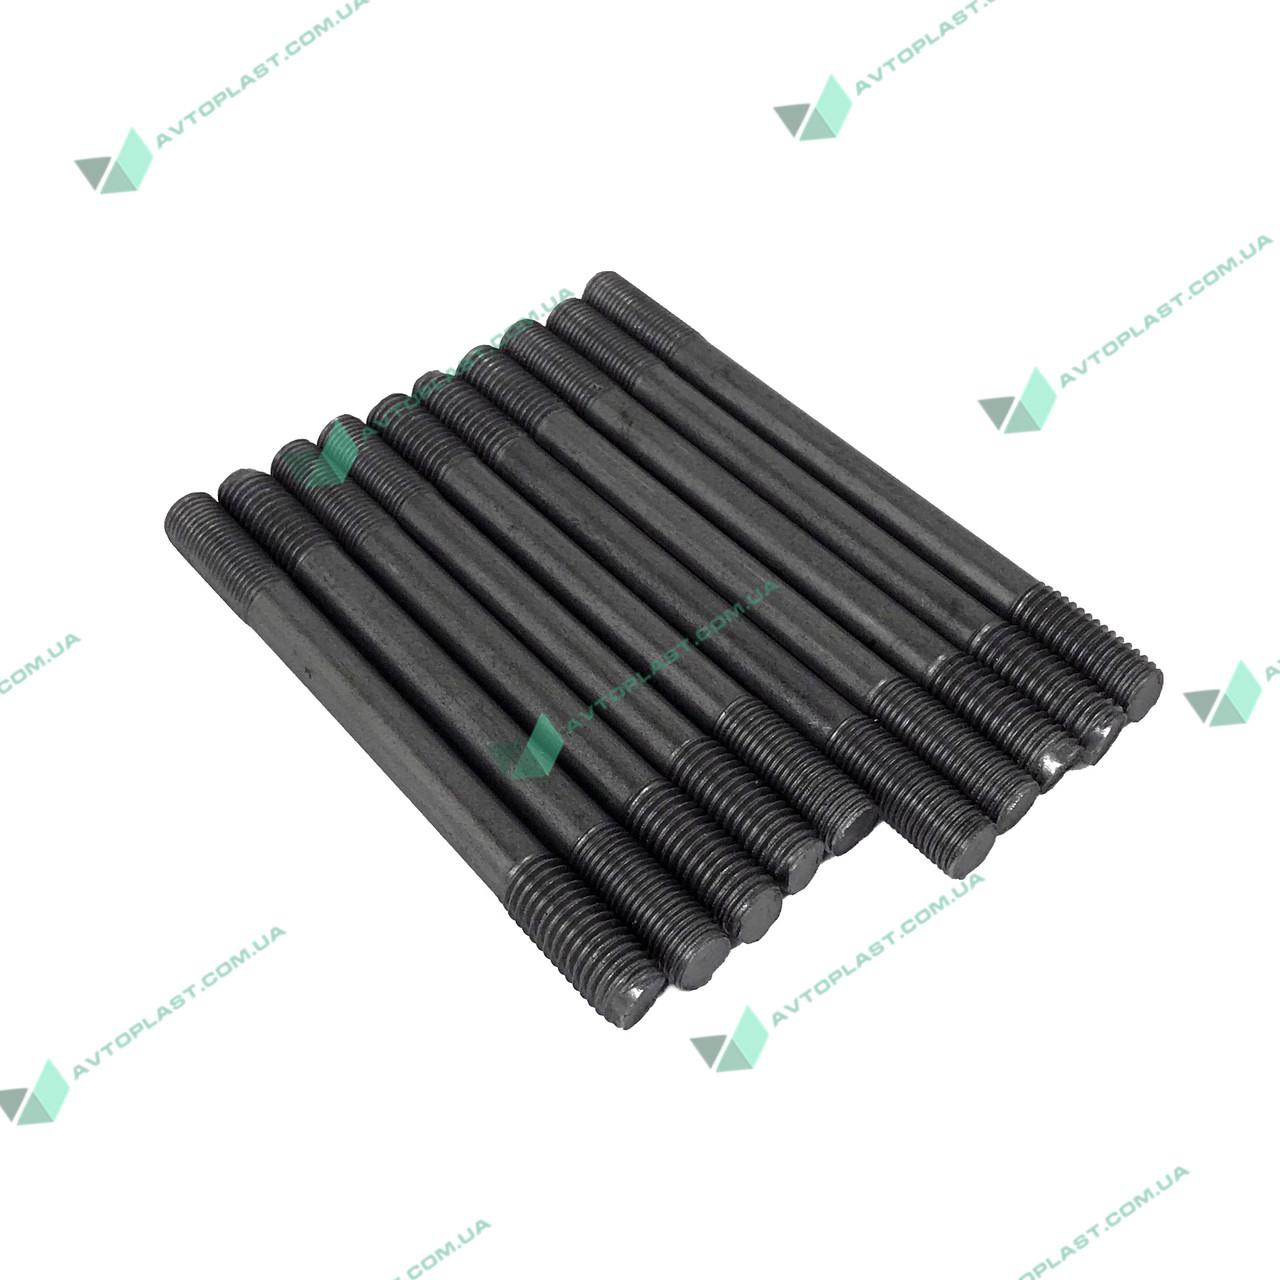 Шпилька блоку циліндра УАЗ d=12 (ремонт) (компл.10шт) (пр-во Росія)